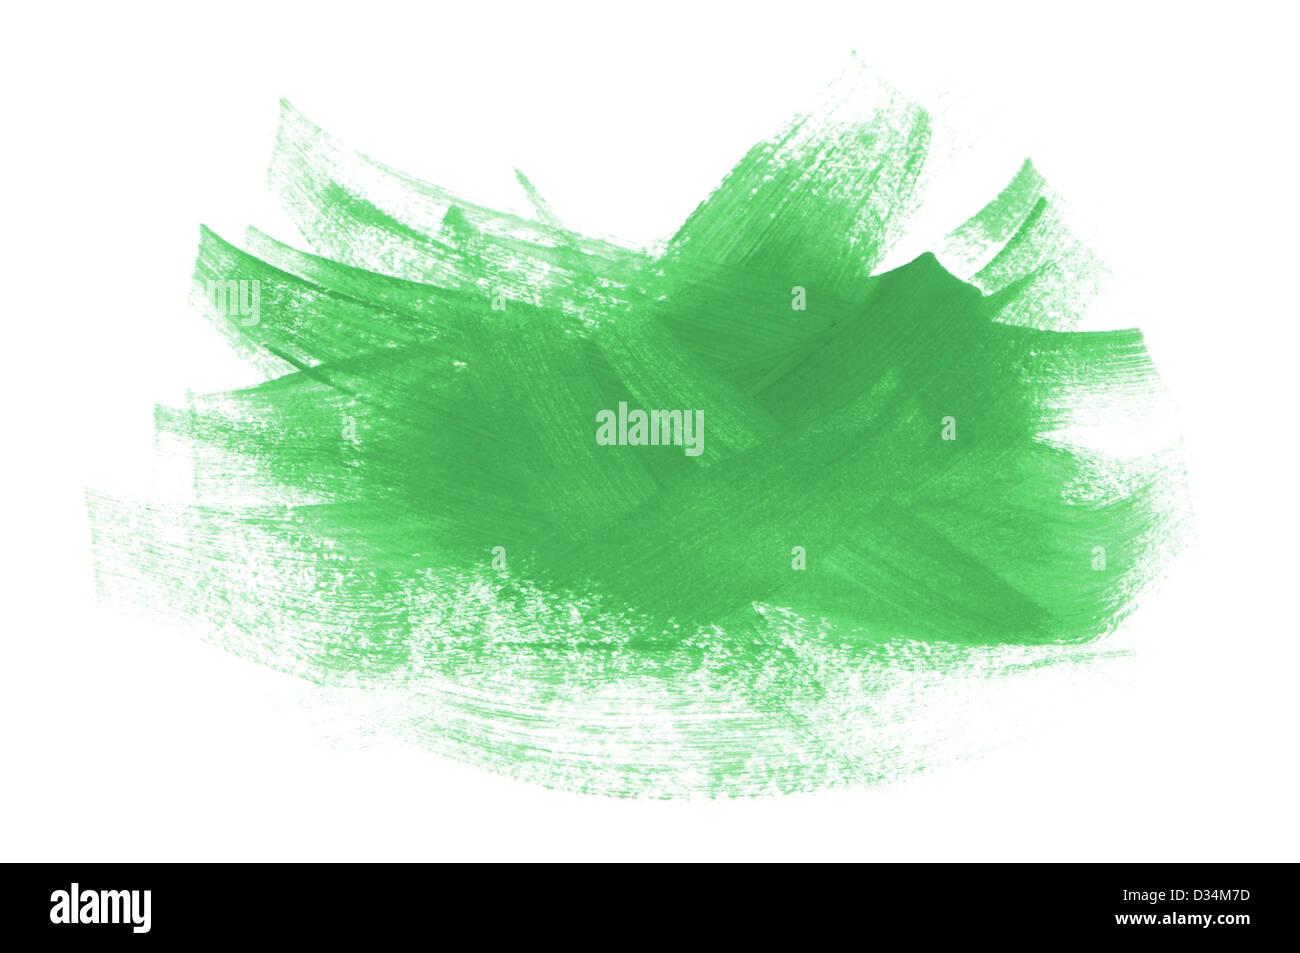 Vernice acrilica verde spazzola tratti isolati su sfondo bianco Immagini Stock